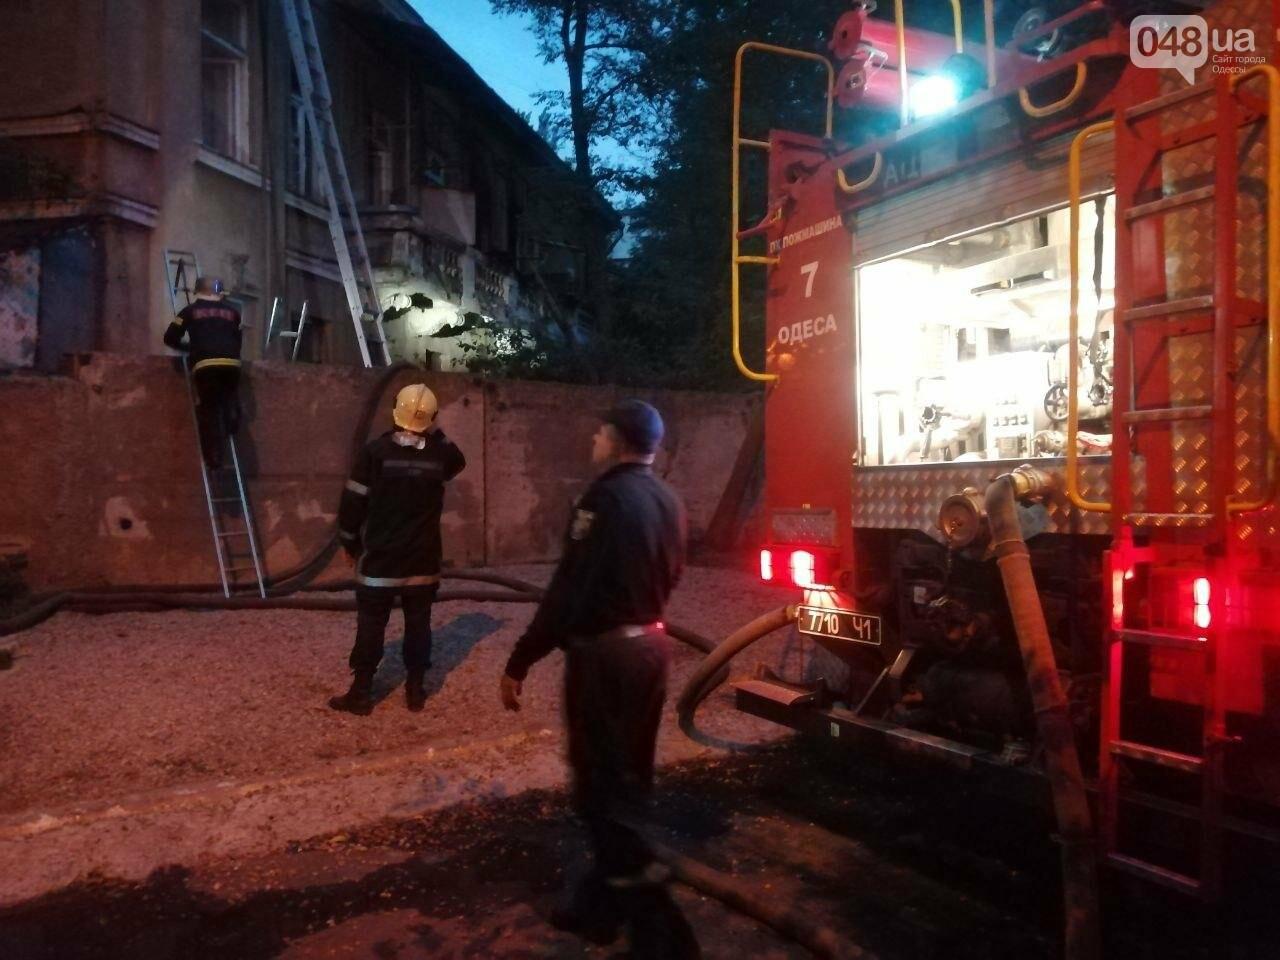 Пресс-служба ГСЧС в Одесской области., Пожар в общежитии Одесской киностудии.5